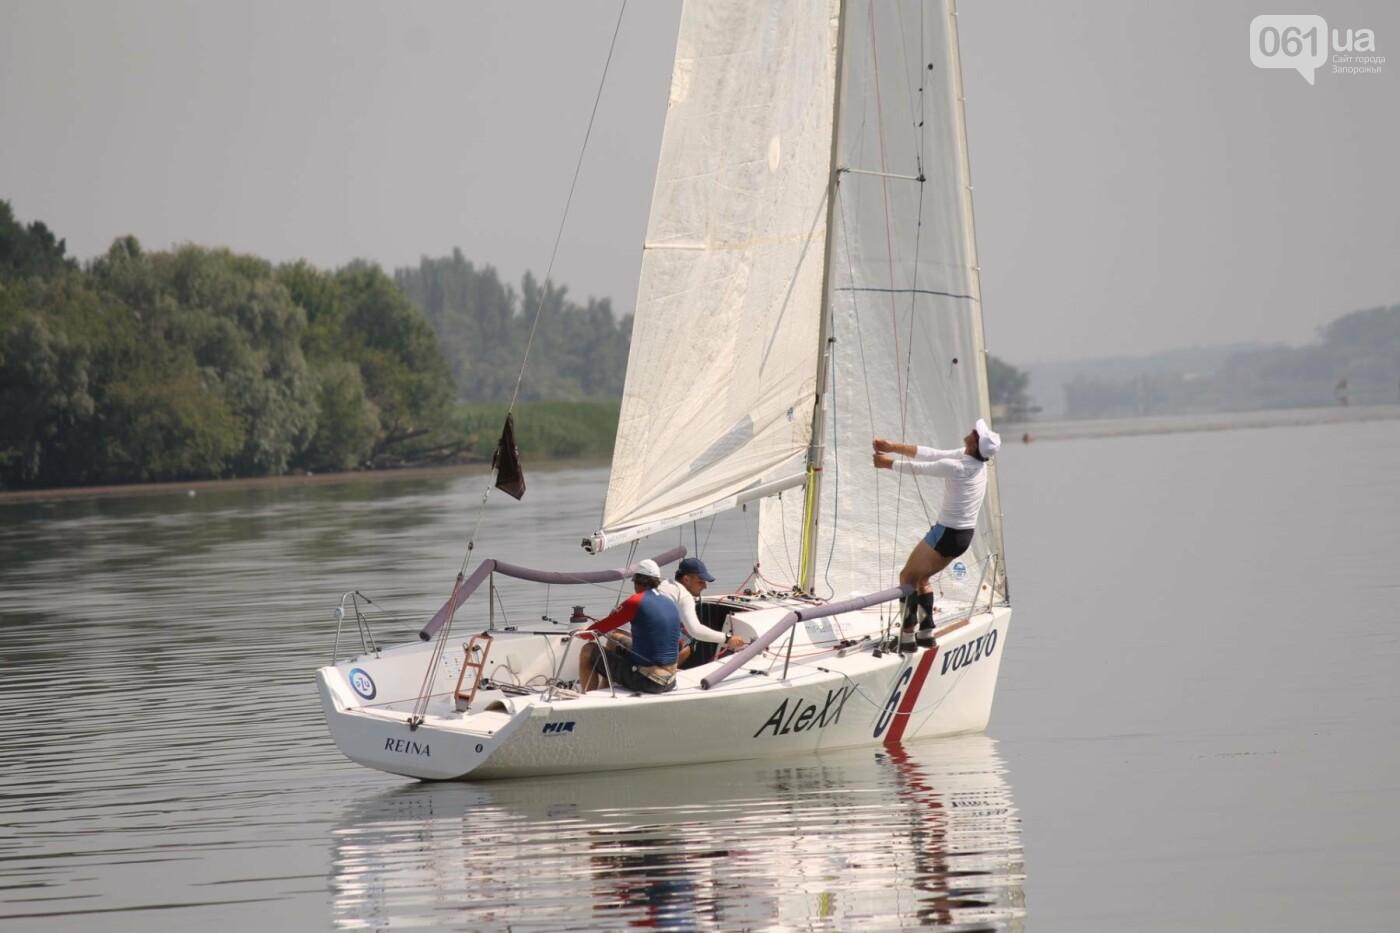 Сотни спортсменов и десятки яхт: как в Запорожье проходит парусная регата, – ФОТОРЕПОРТАЖ, фото-7